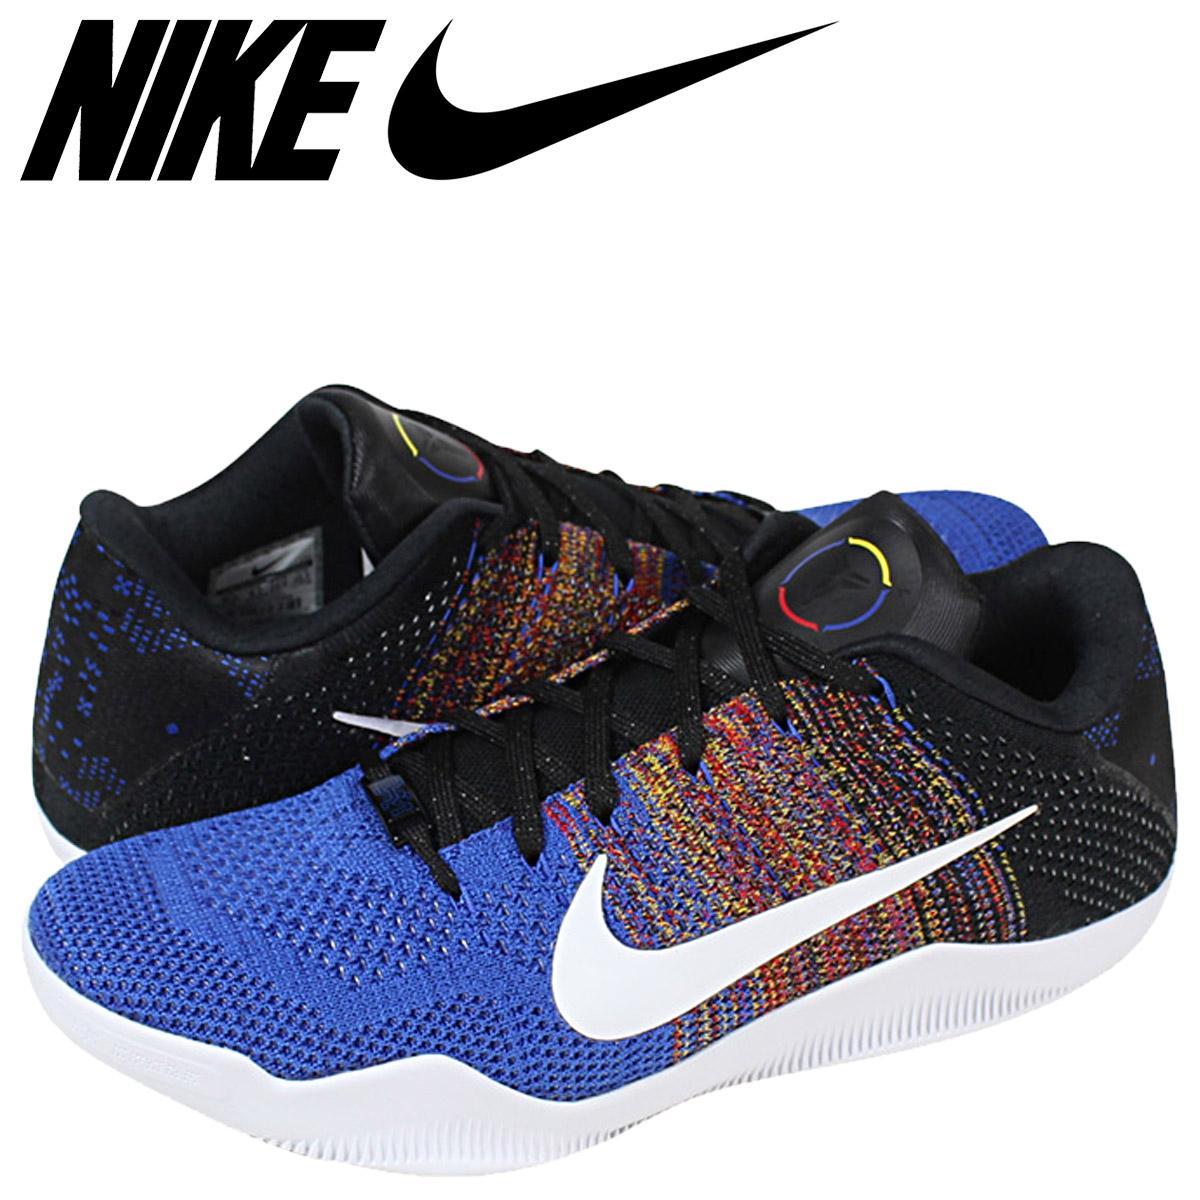 new products 3448a 7b90b Nike NIKE Kobe sneakers KOBE 11 ELITE LOW BHM 822522-914 blue mens